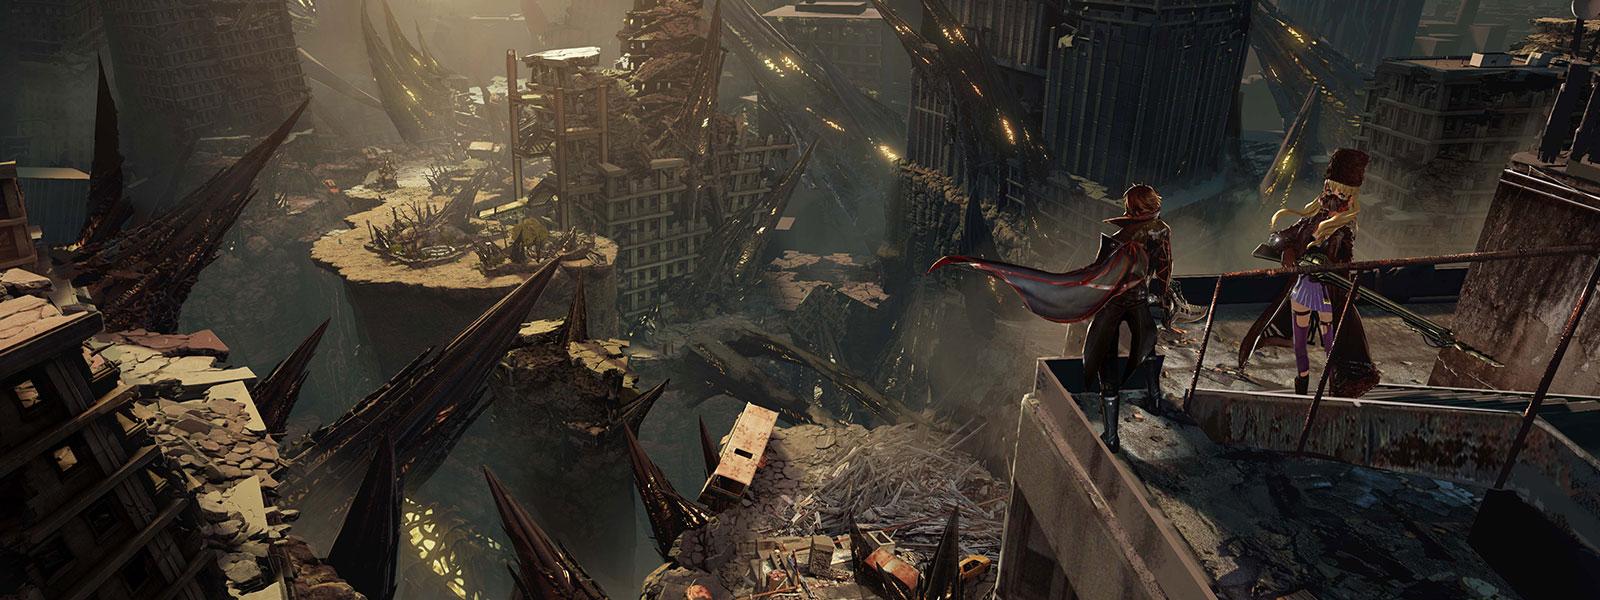 Postavy z hry Code Vein sa zo strechy pozerajú dole na zdecimované mesto